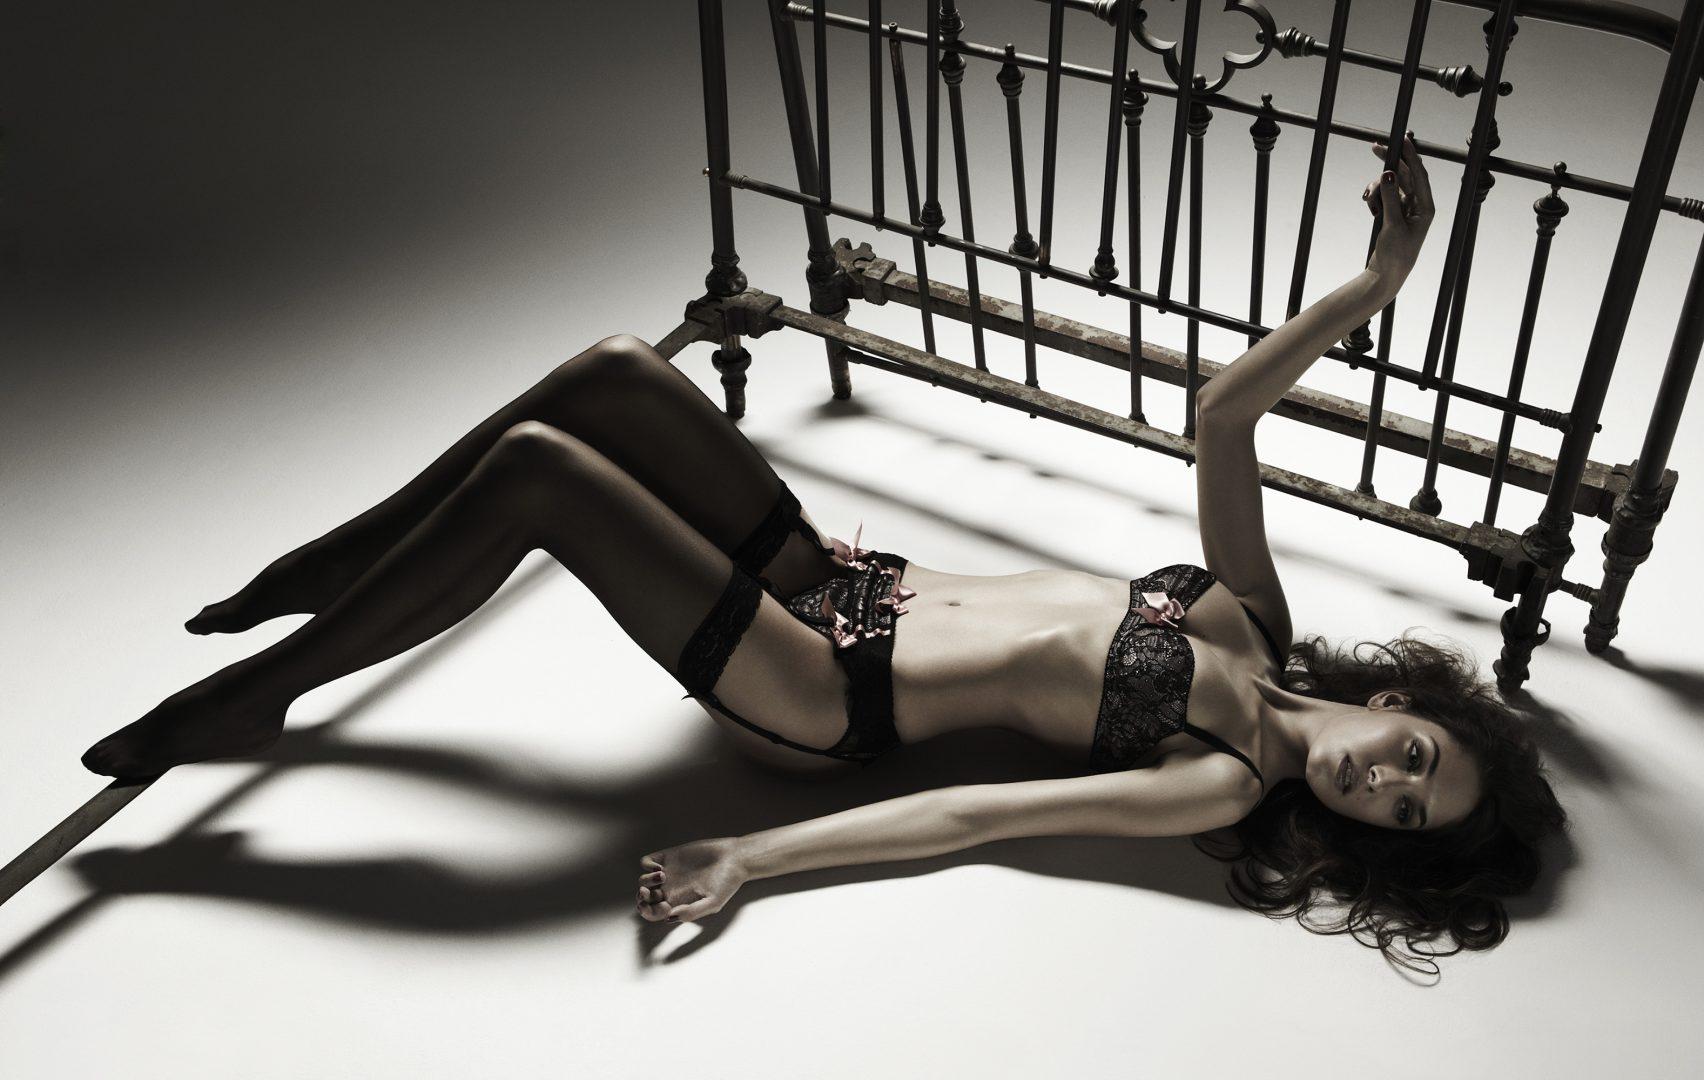 Girl in lingerie lying on floor by Stefan Rappo